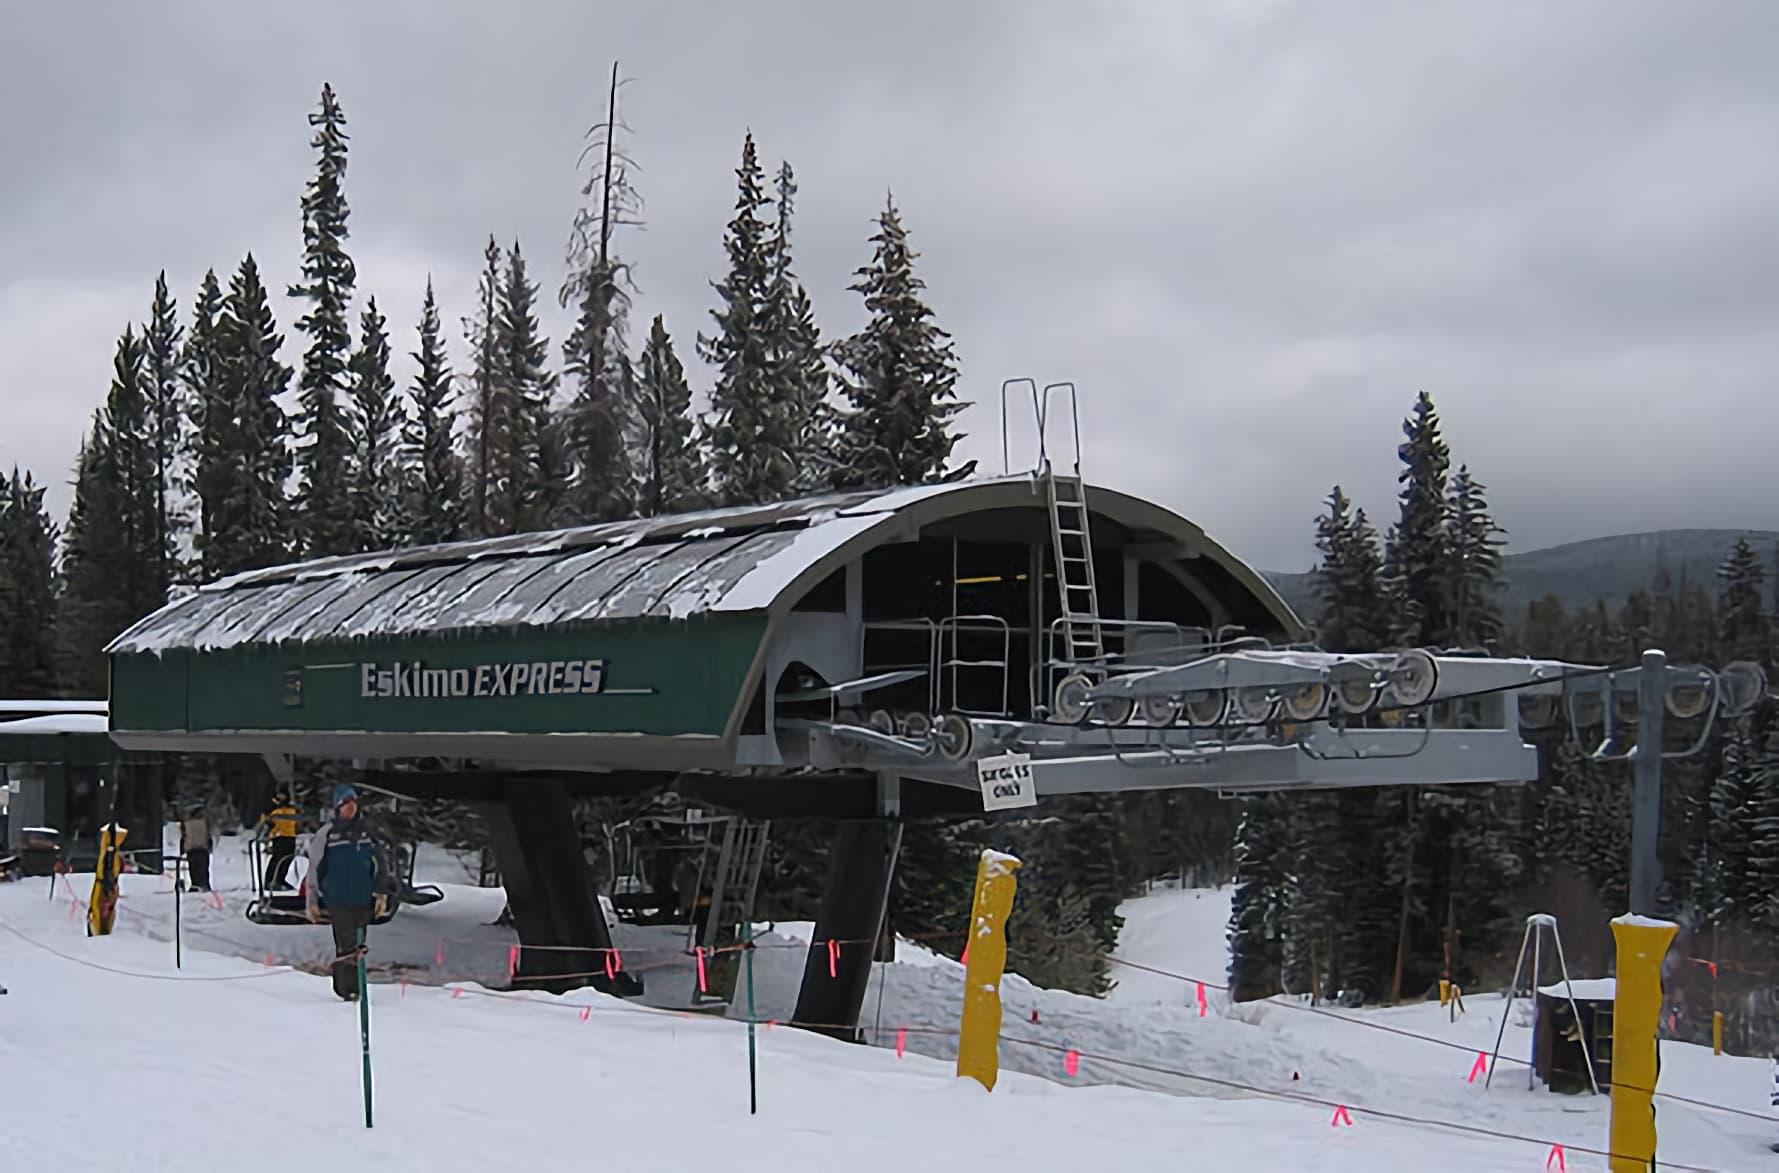 winter park resort, colorado, Eskimo Express, explorer express, renamed, derogatory